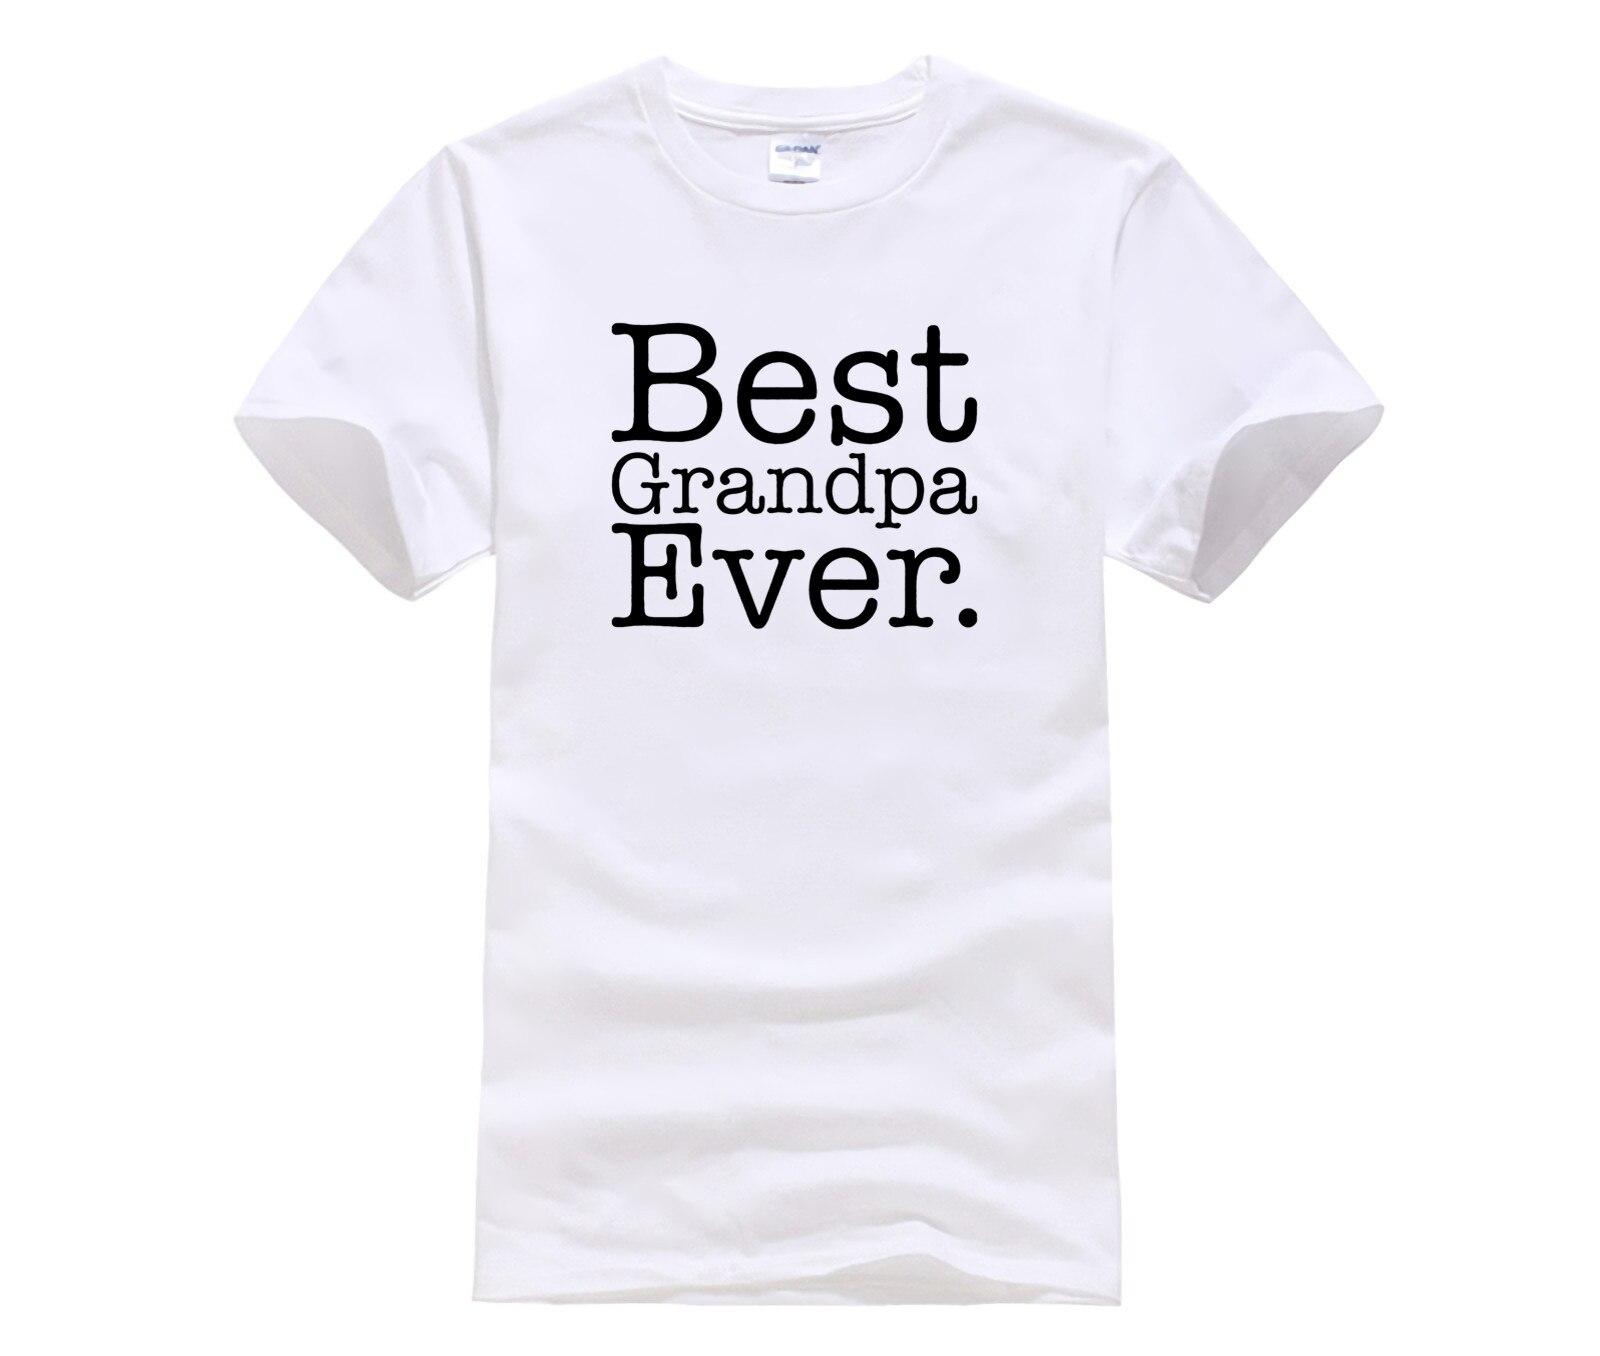 Moda de 2016 para hombre, camiseta estampada con el mejor abuelo de Navidad para hombre, camiseta Casual de manga corta Hipster con personalidad